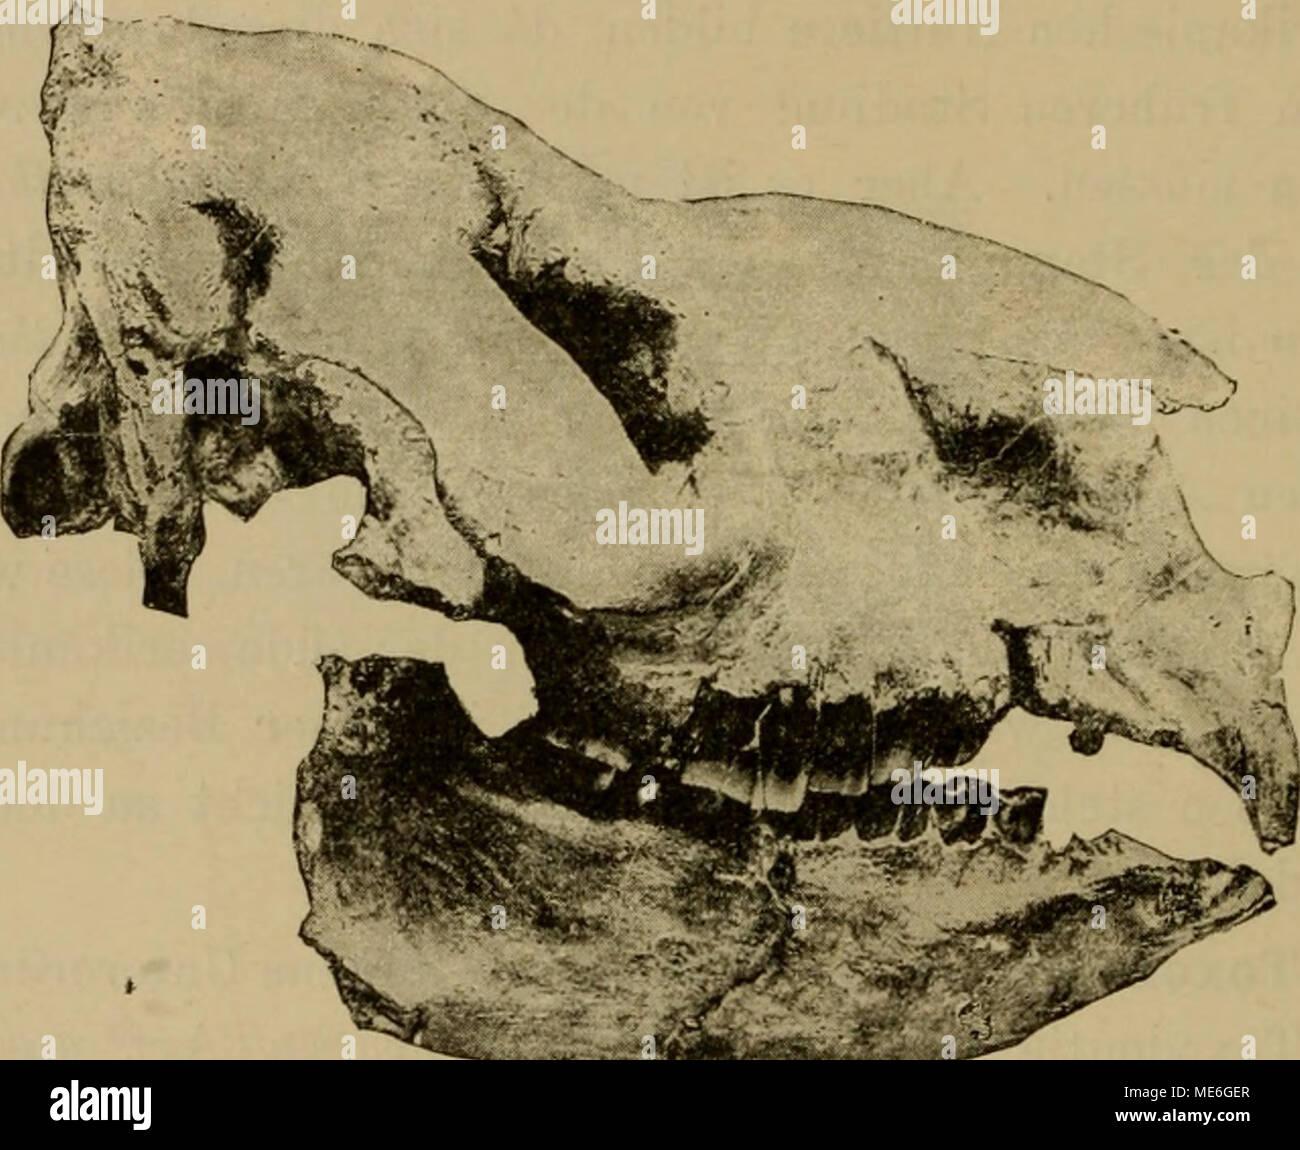 . Die geographische Verbreitung und geologische Entwickelung der Säugetiere . denen aller lebenden Huftiere dadurch unterscheiden, dass sie sämtlich während des ganzen Lebens der Tiere wachsen, ohne jemals Wurzeln zu bilden. Die Schneide- zähne sind meisselförmig und haben daher in der Form, wenn auch nicht in der Zahl, Aehnlichkeit mit den ent- sprechenden Zähnen eines Bibers oder eines Kaninchens. Ueberhaupt erinnert das Gebiss dieser Tiere durch seinen Bau im allgemeinen sowie durch den Mangel von Wurzeln Stock Photo